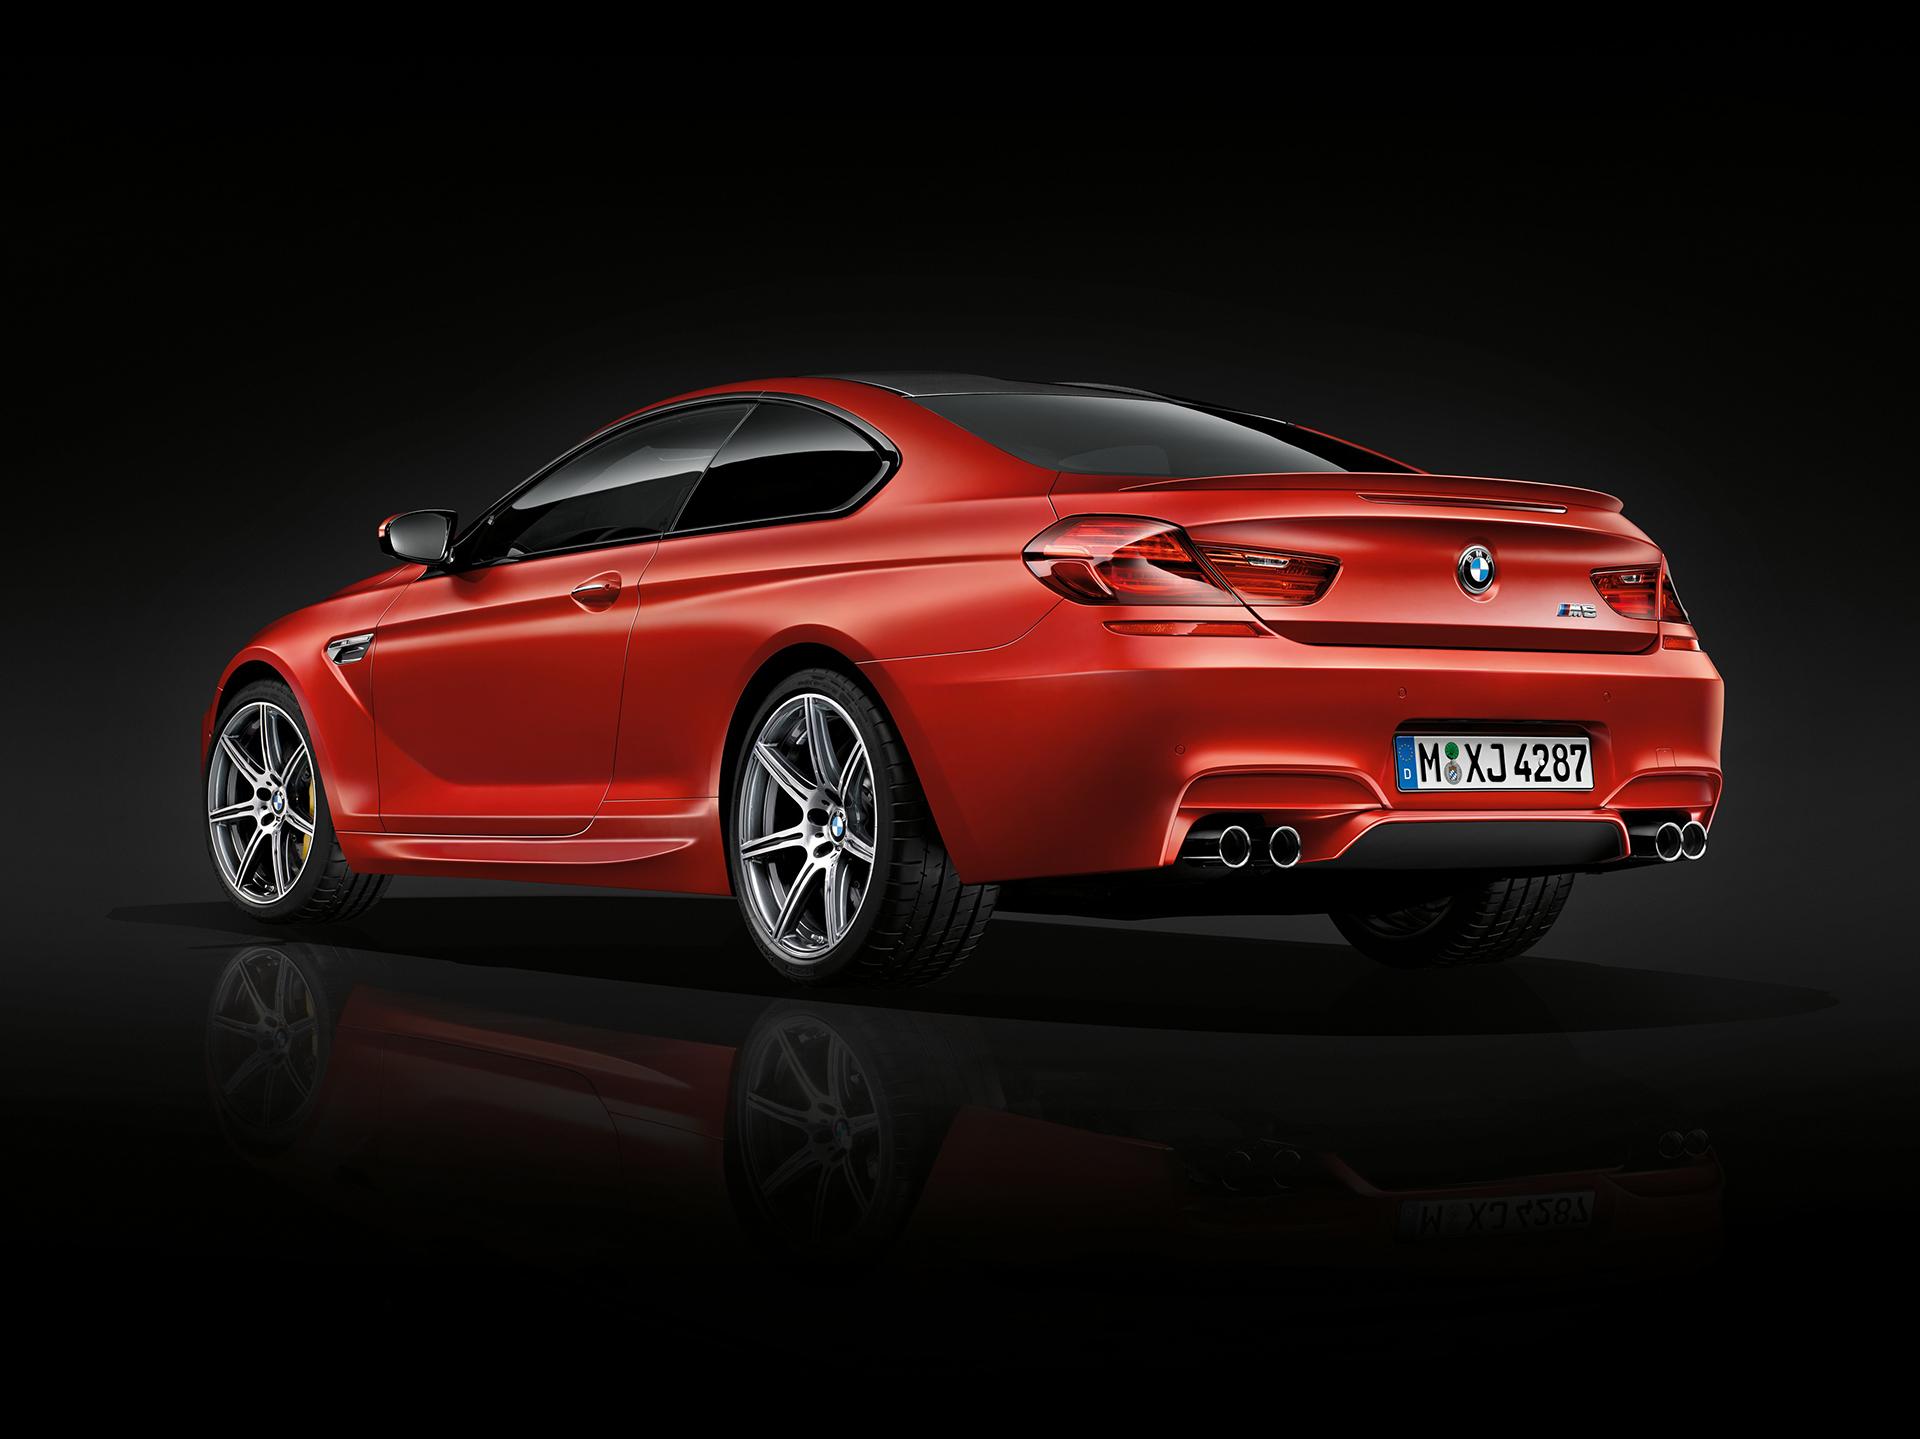 BMW M6 coupé 2015 - rear side-face / profil arrière